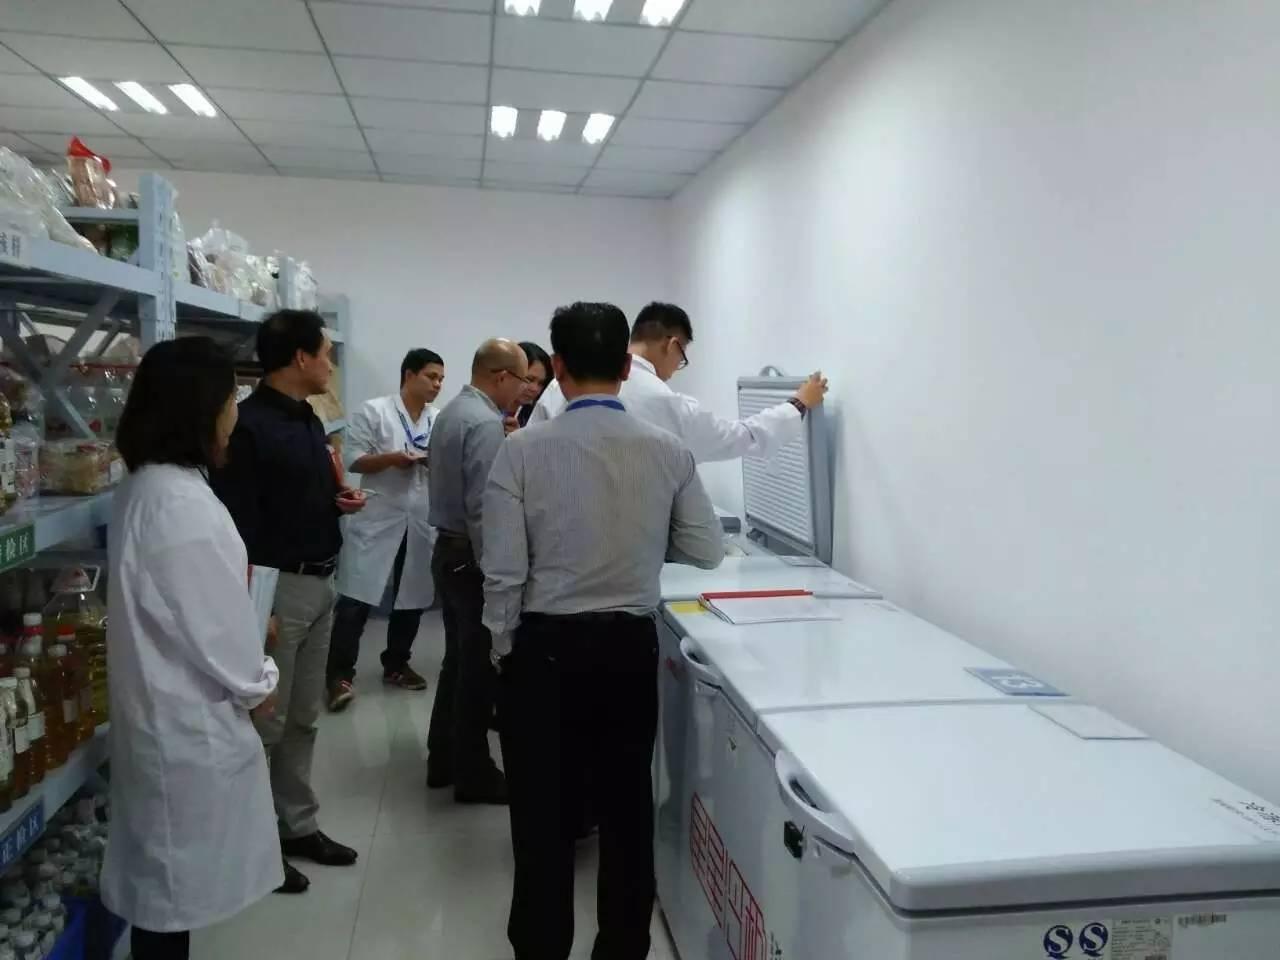 热烈欢迎自治区食药监局领导和专家莅临广西中检联检查视察指导